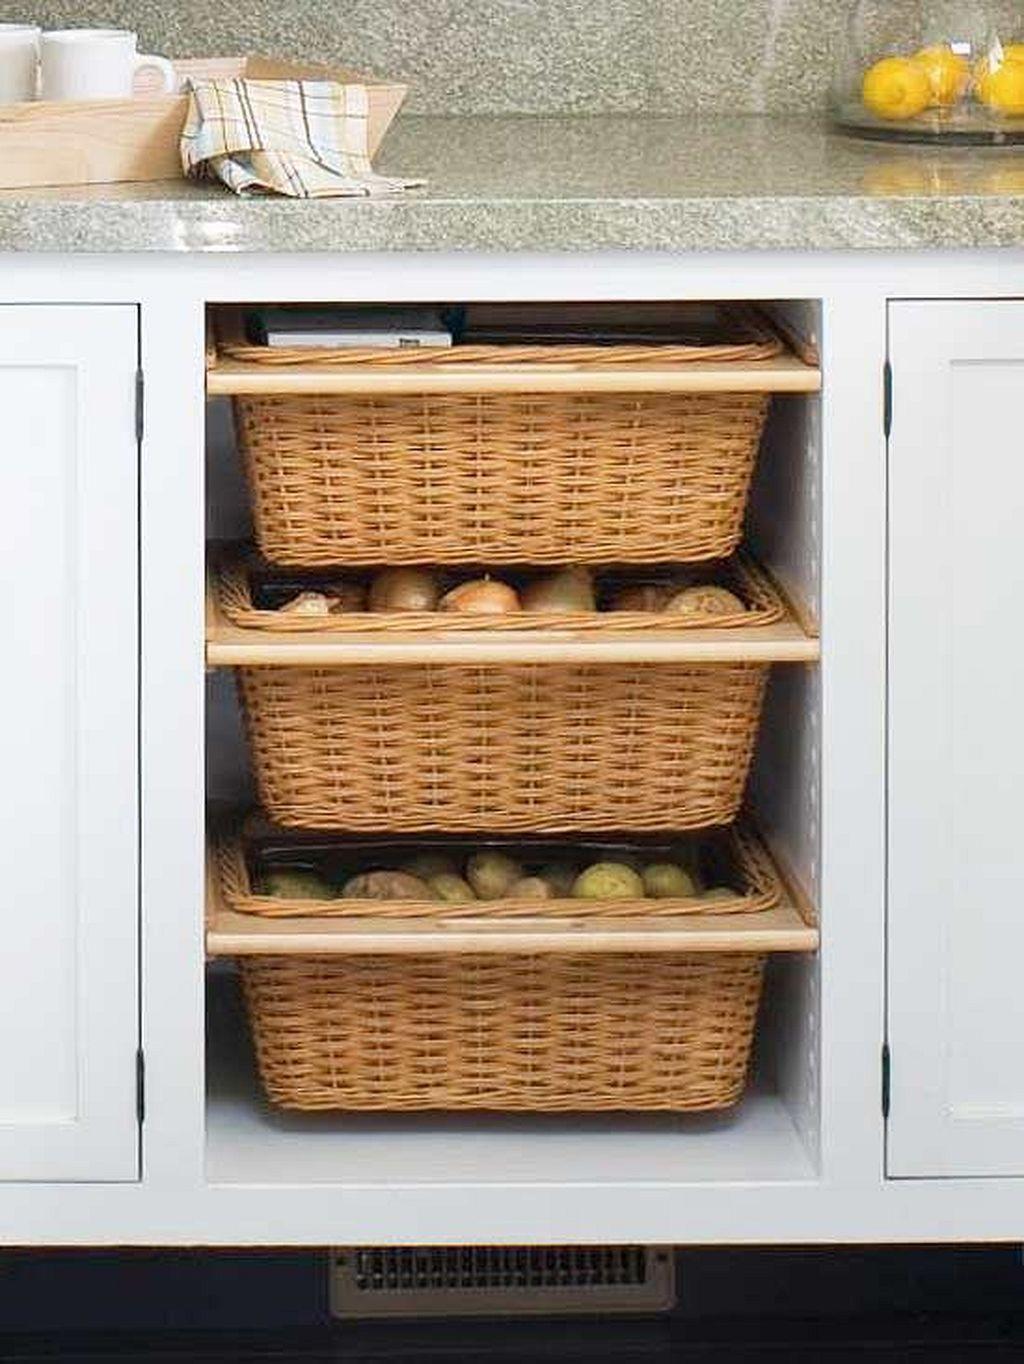 35 Brilliant Onion Storage For Your Kitchen Ideas 26 Kitchen Cabinet Storage Onion Storage Diy Kitchen Storage